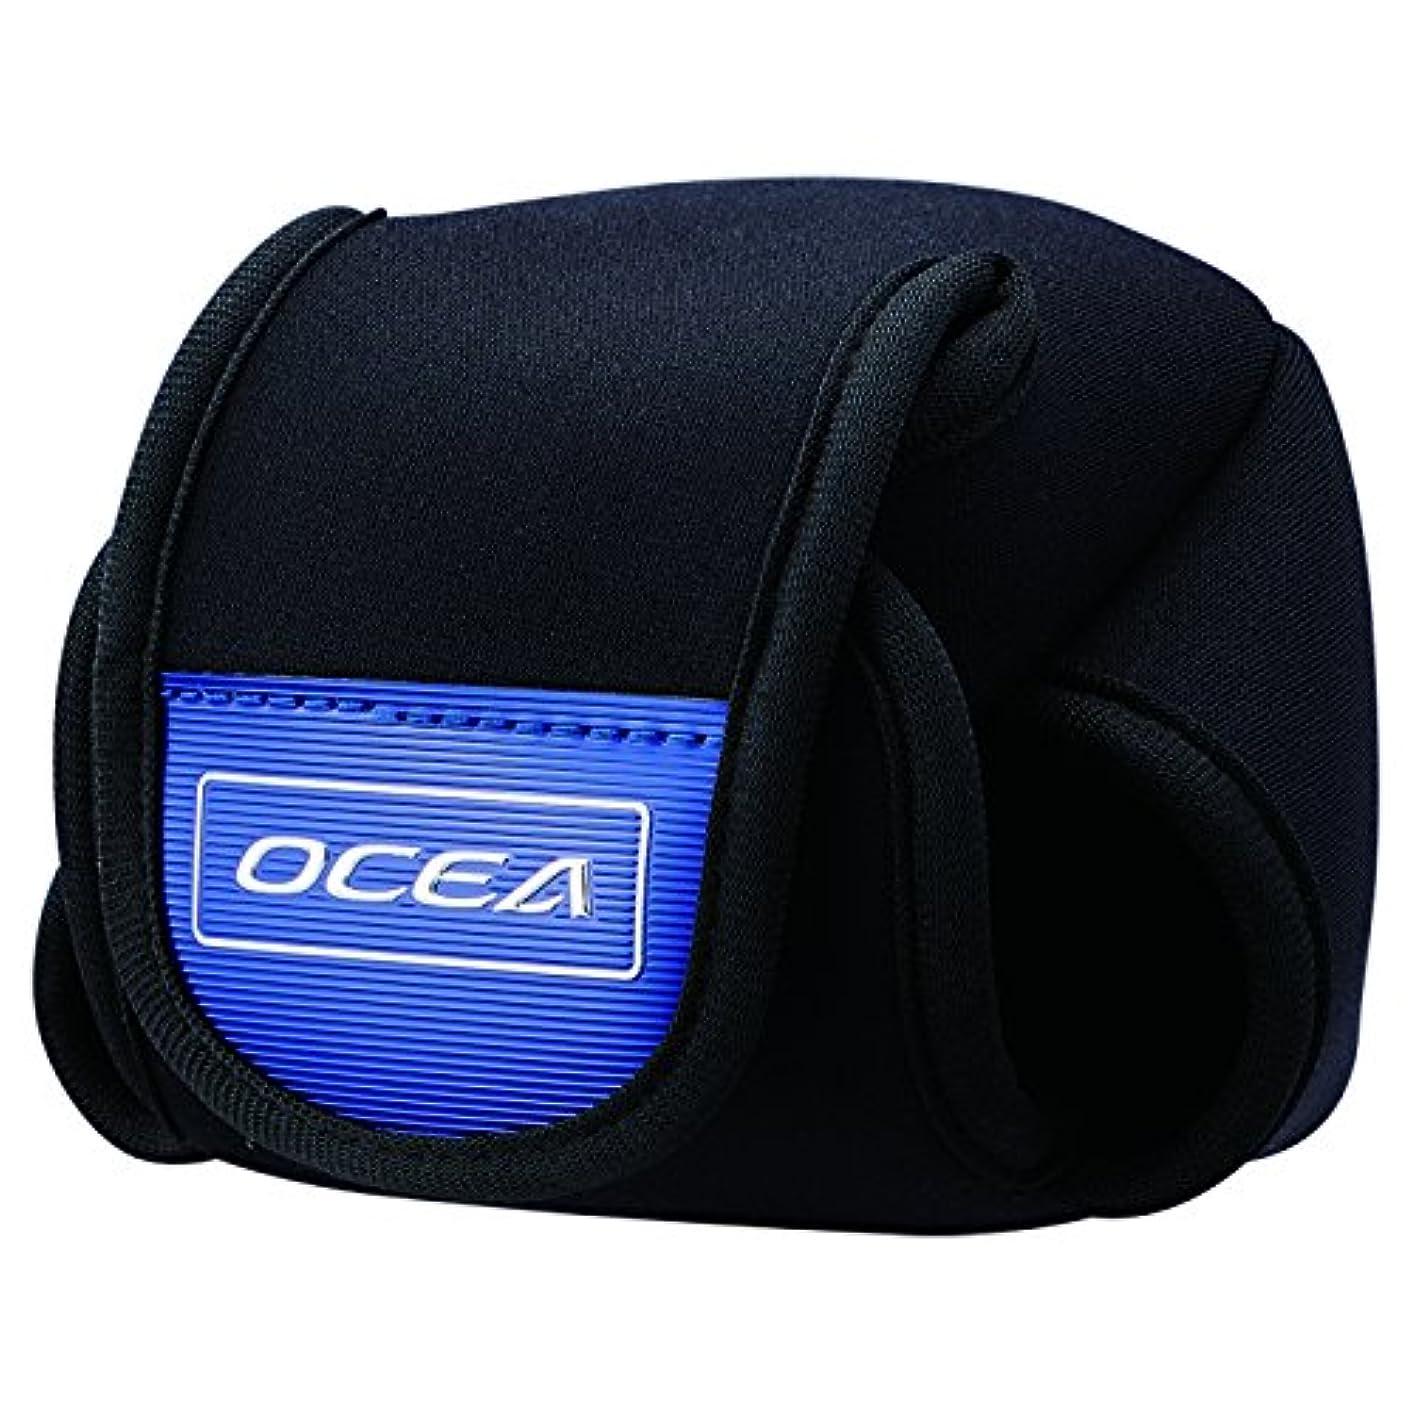 ファンブルソーダ水口シマノ リールケース OCEA?リールガード L ブラック PC-233N